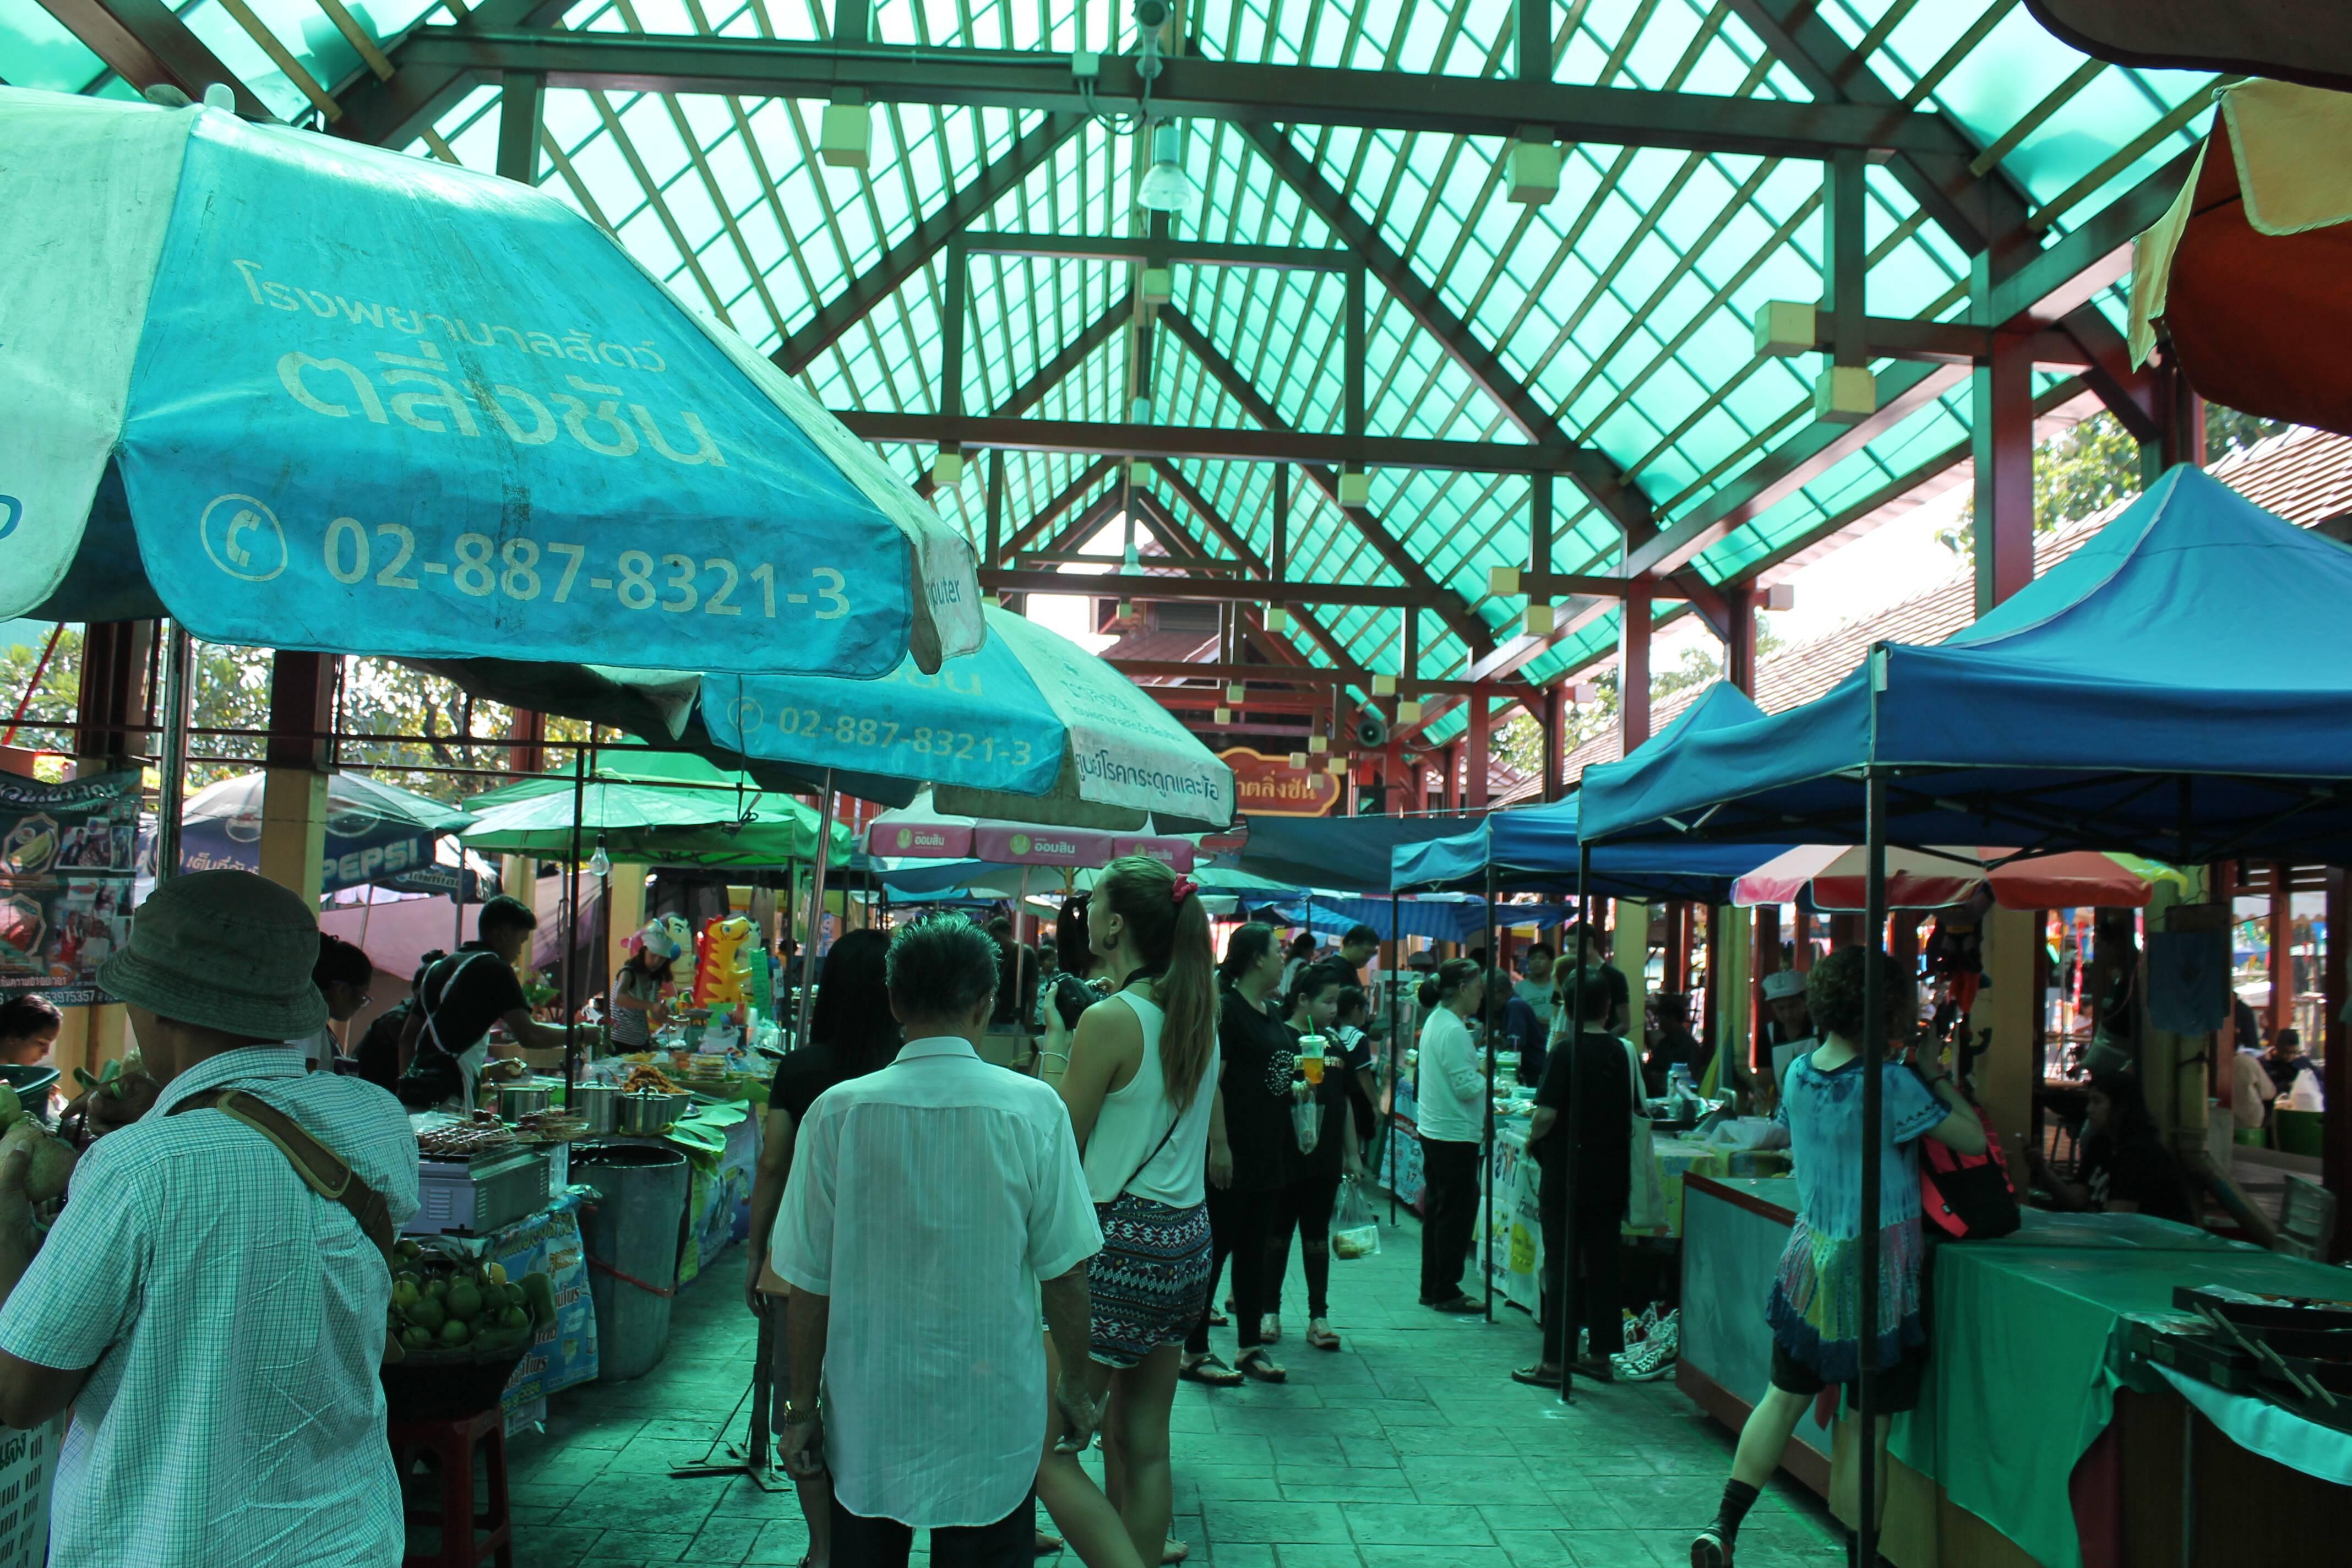 Mercado antes do pier do Taling Chan - mercado flutuante em Bangkok